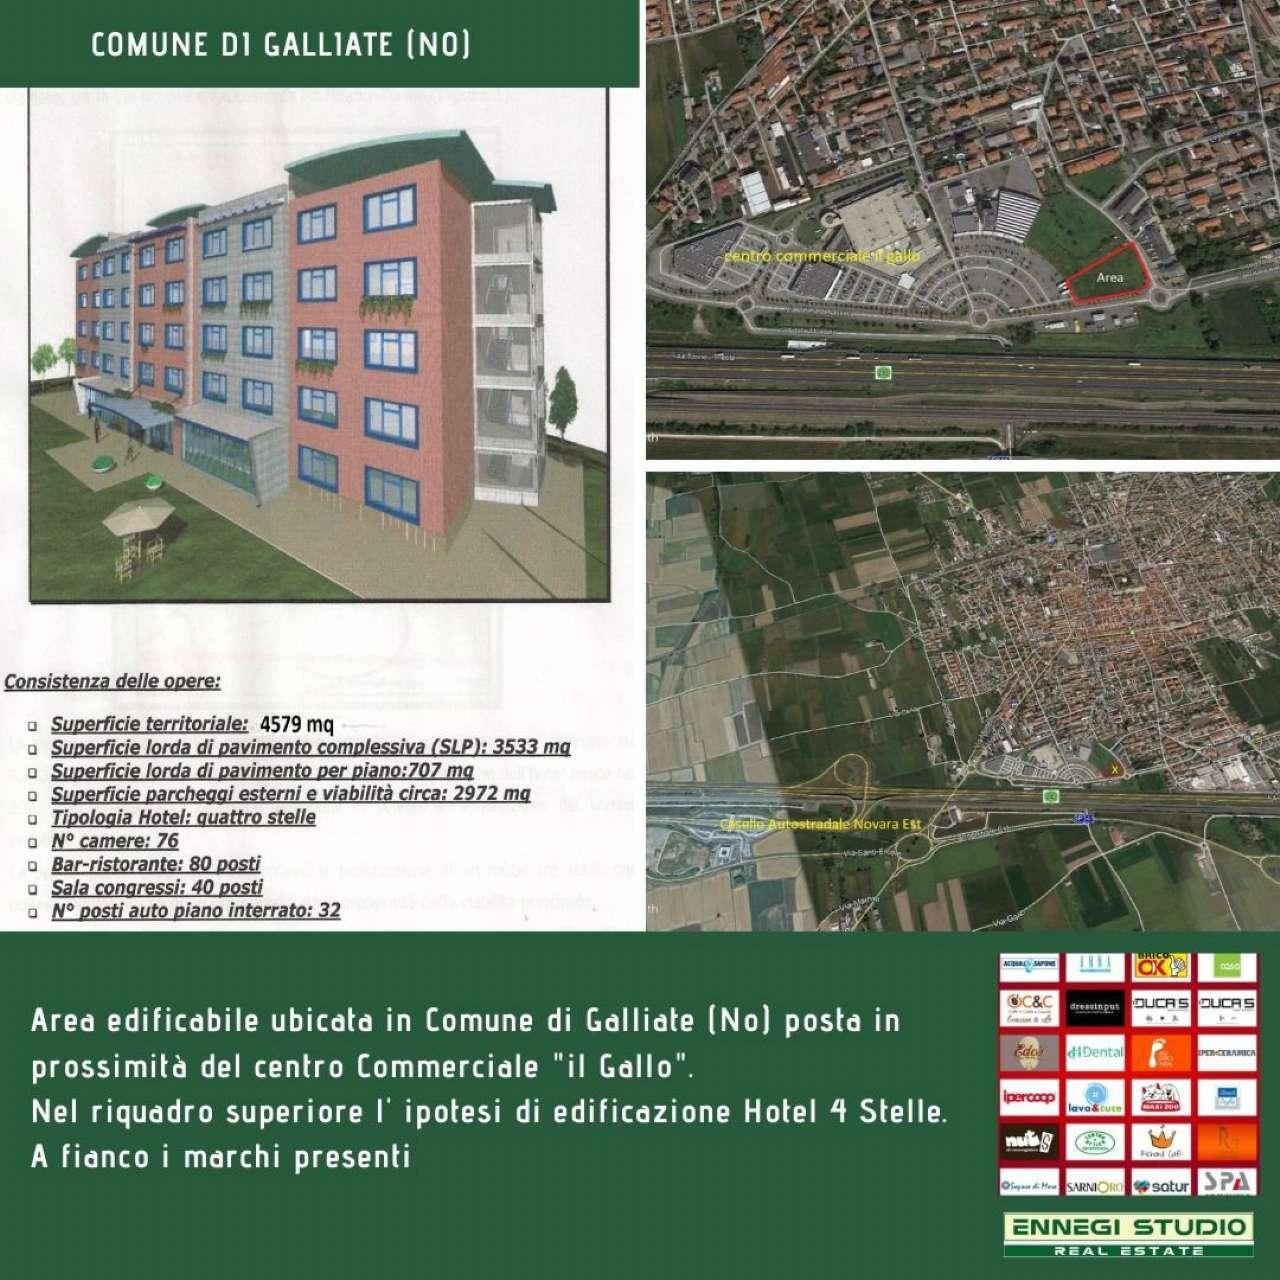 Terreno Edificabile Artigianale in vendita a Galliate, 1 locali, prezzo € 1.600.000 | CambioCasa.it